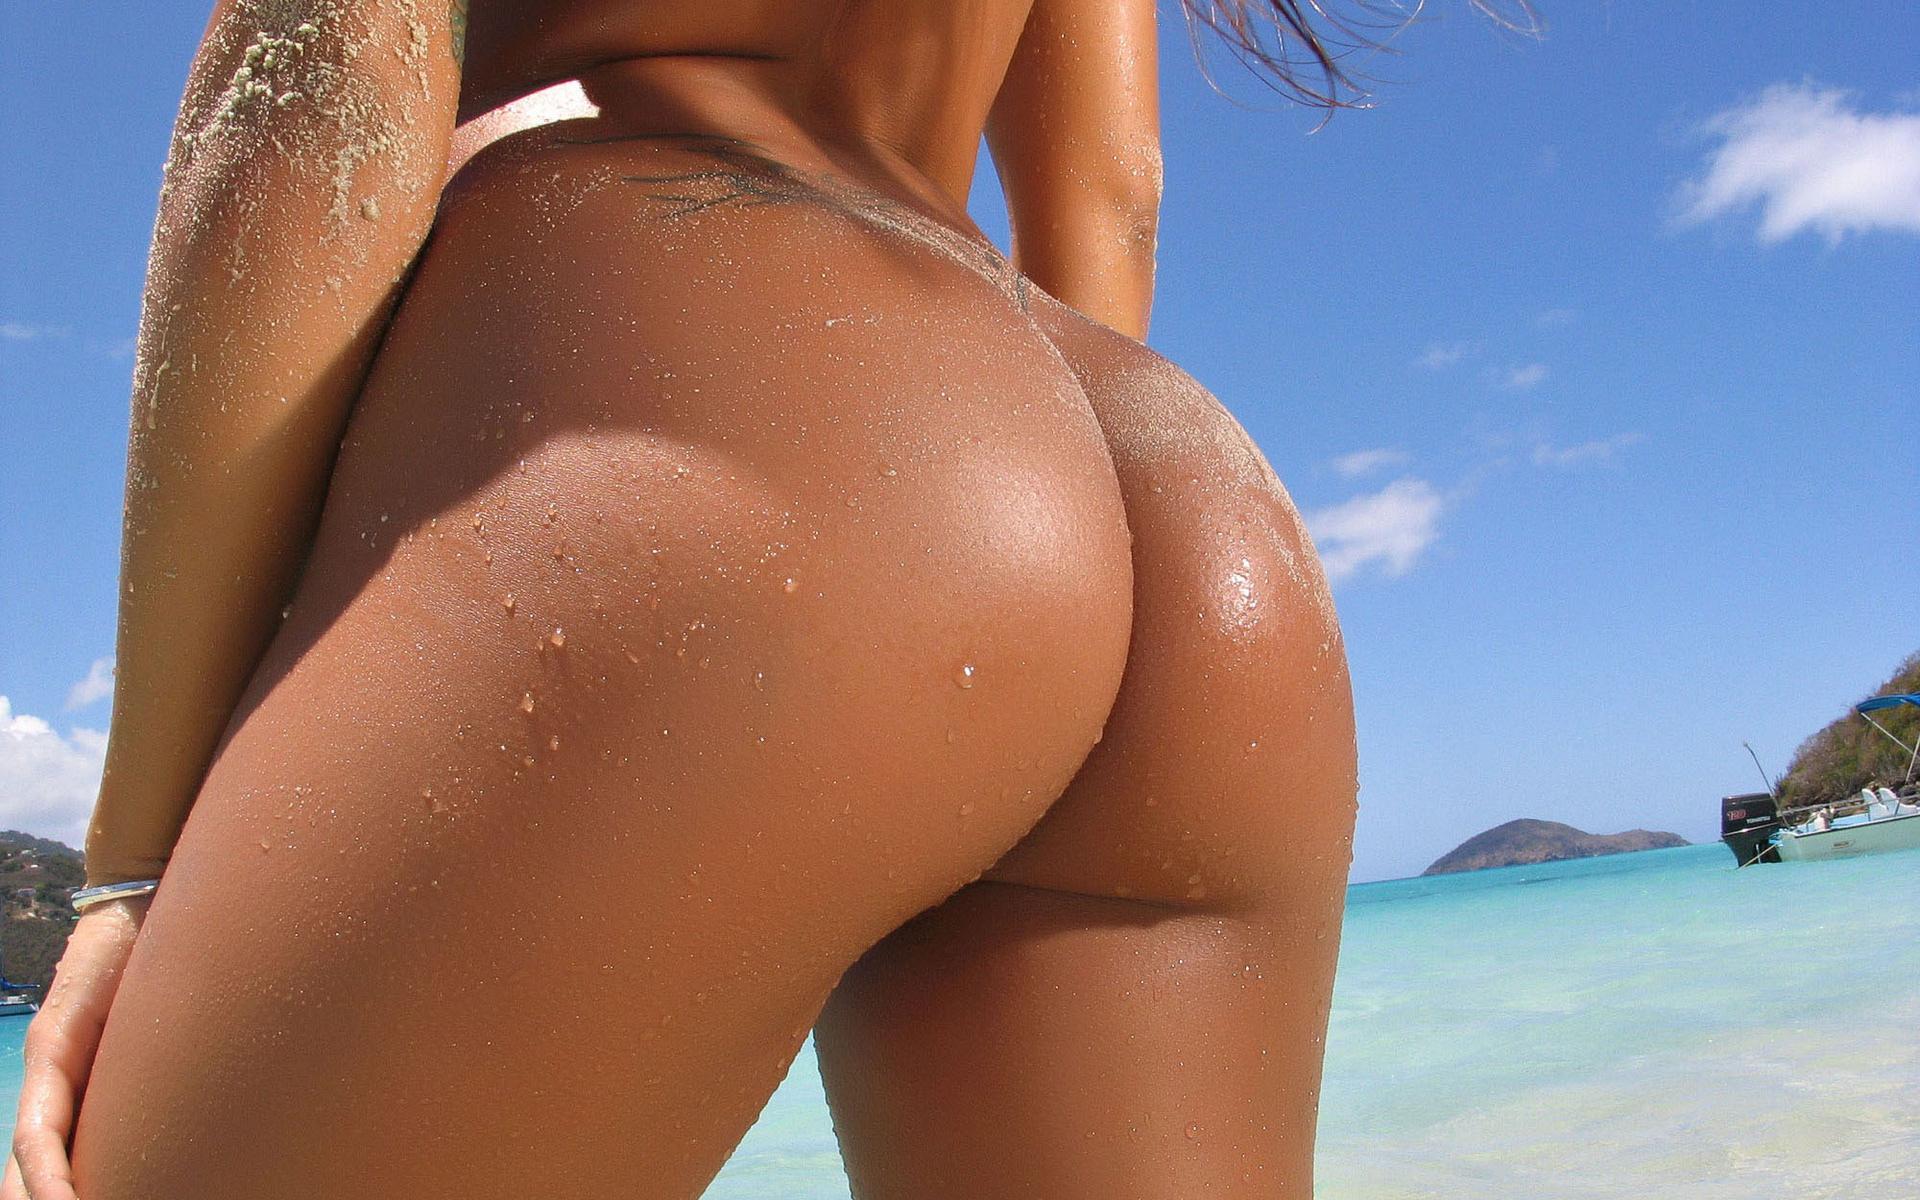 Красивая попка девушка голая фото #14